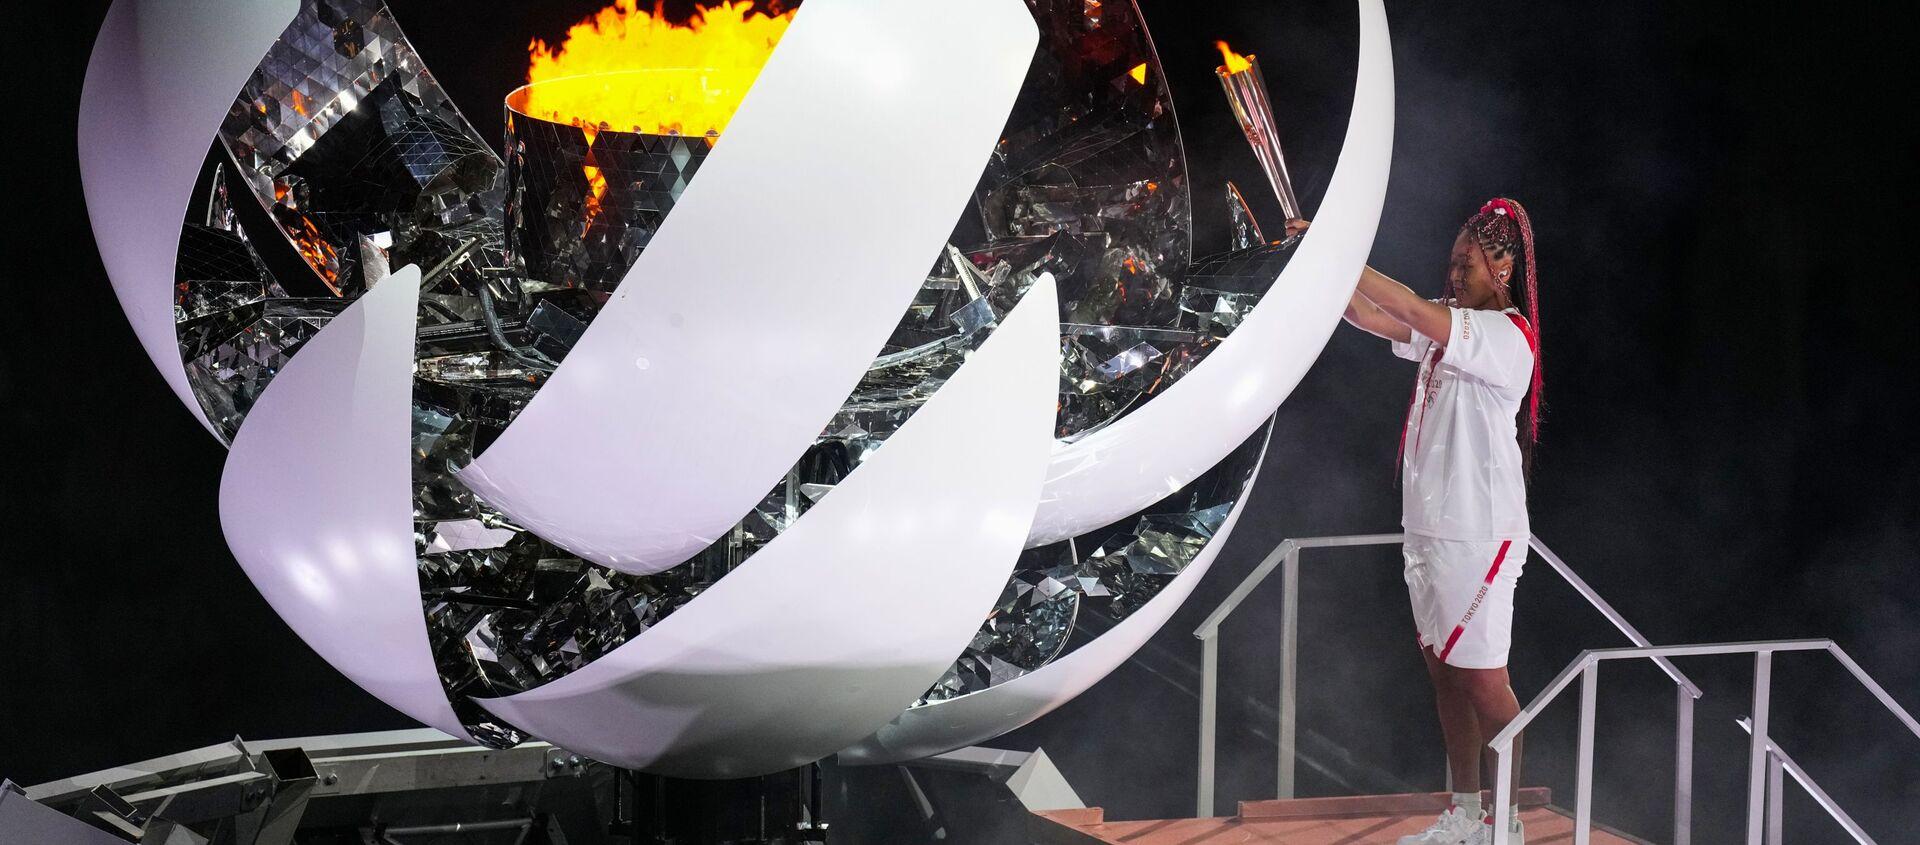 Теннисистка Наоми Осака зажигает олимпийский огонь на церемонии открытия XXXII летних Олимпийских игр в Токио - Sputnik Абхазия, 1920, 03.08.2021